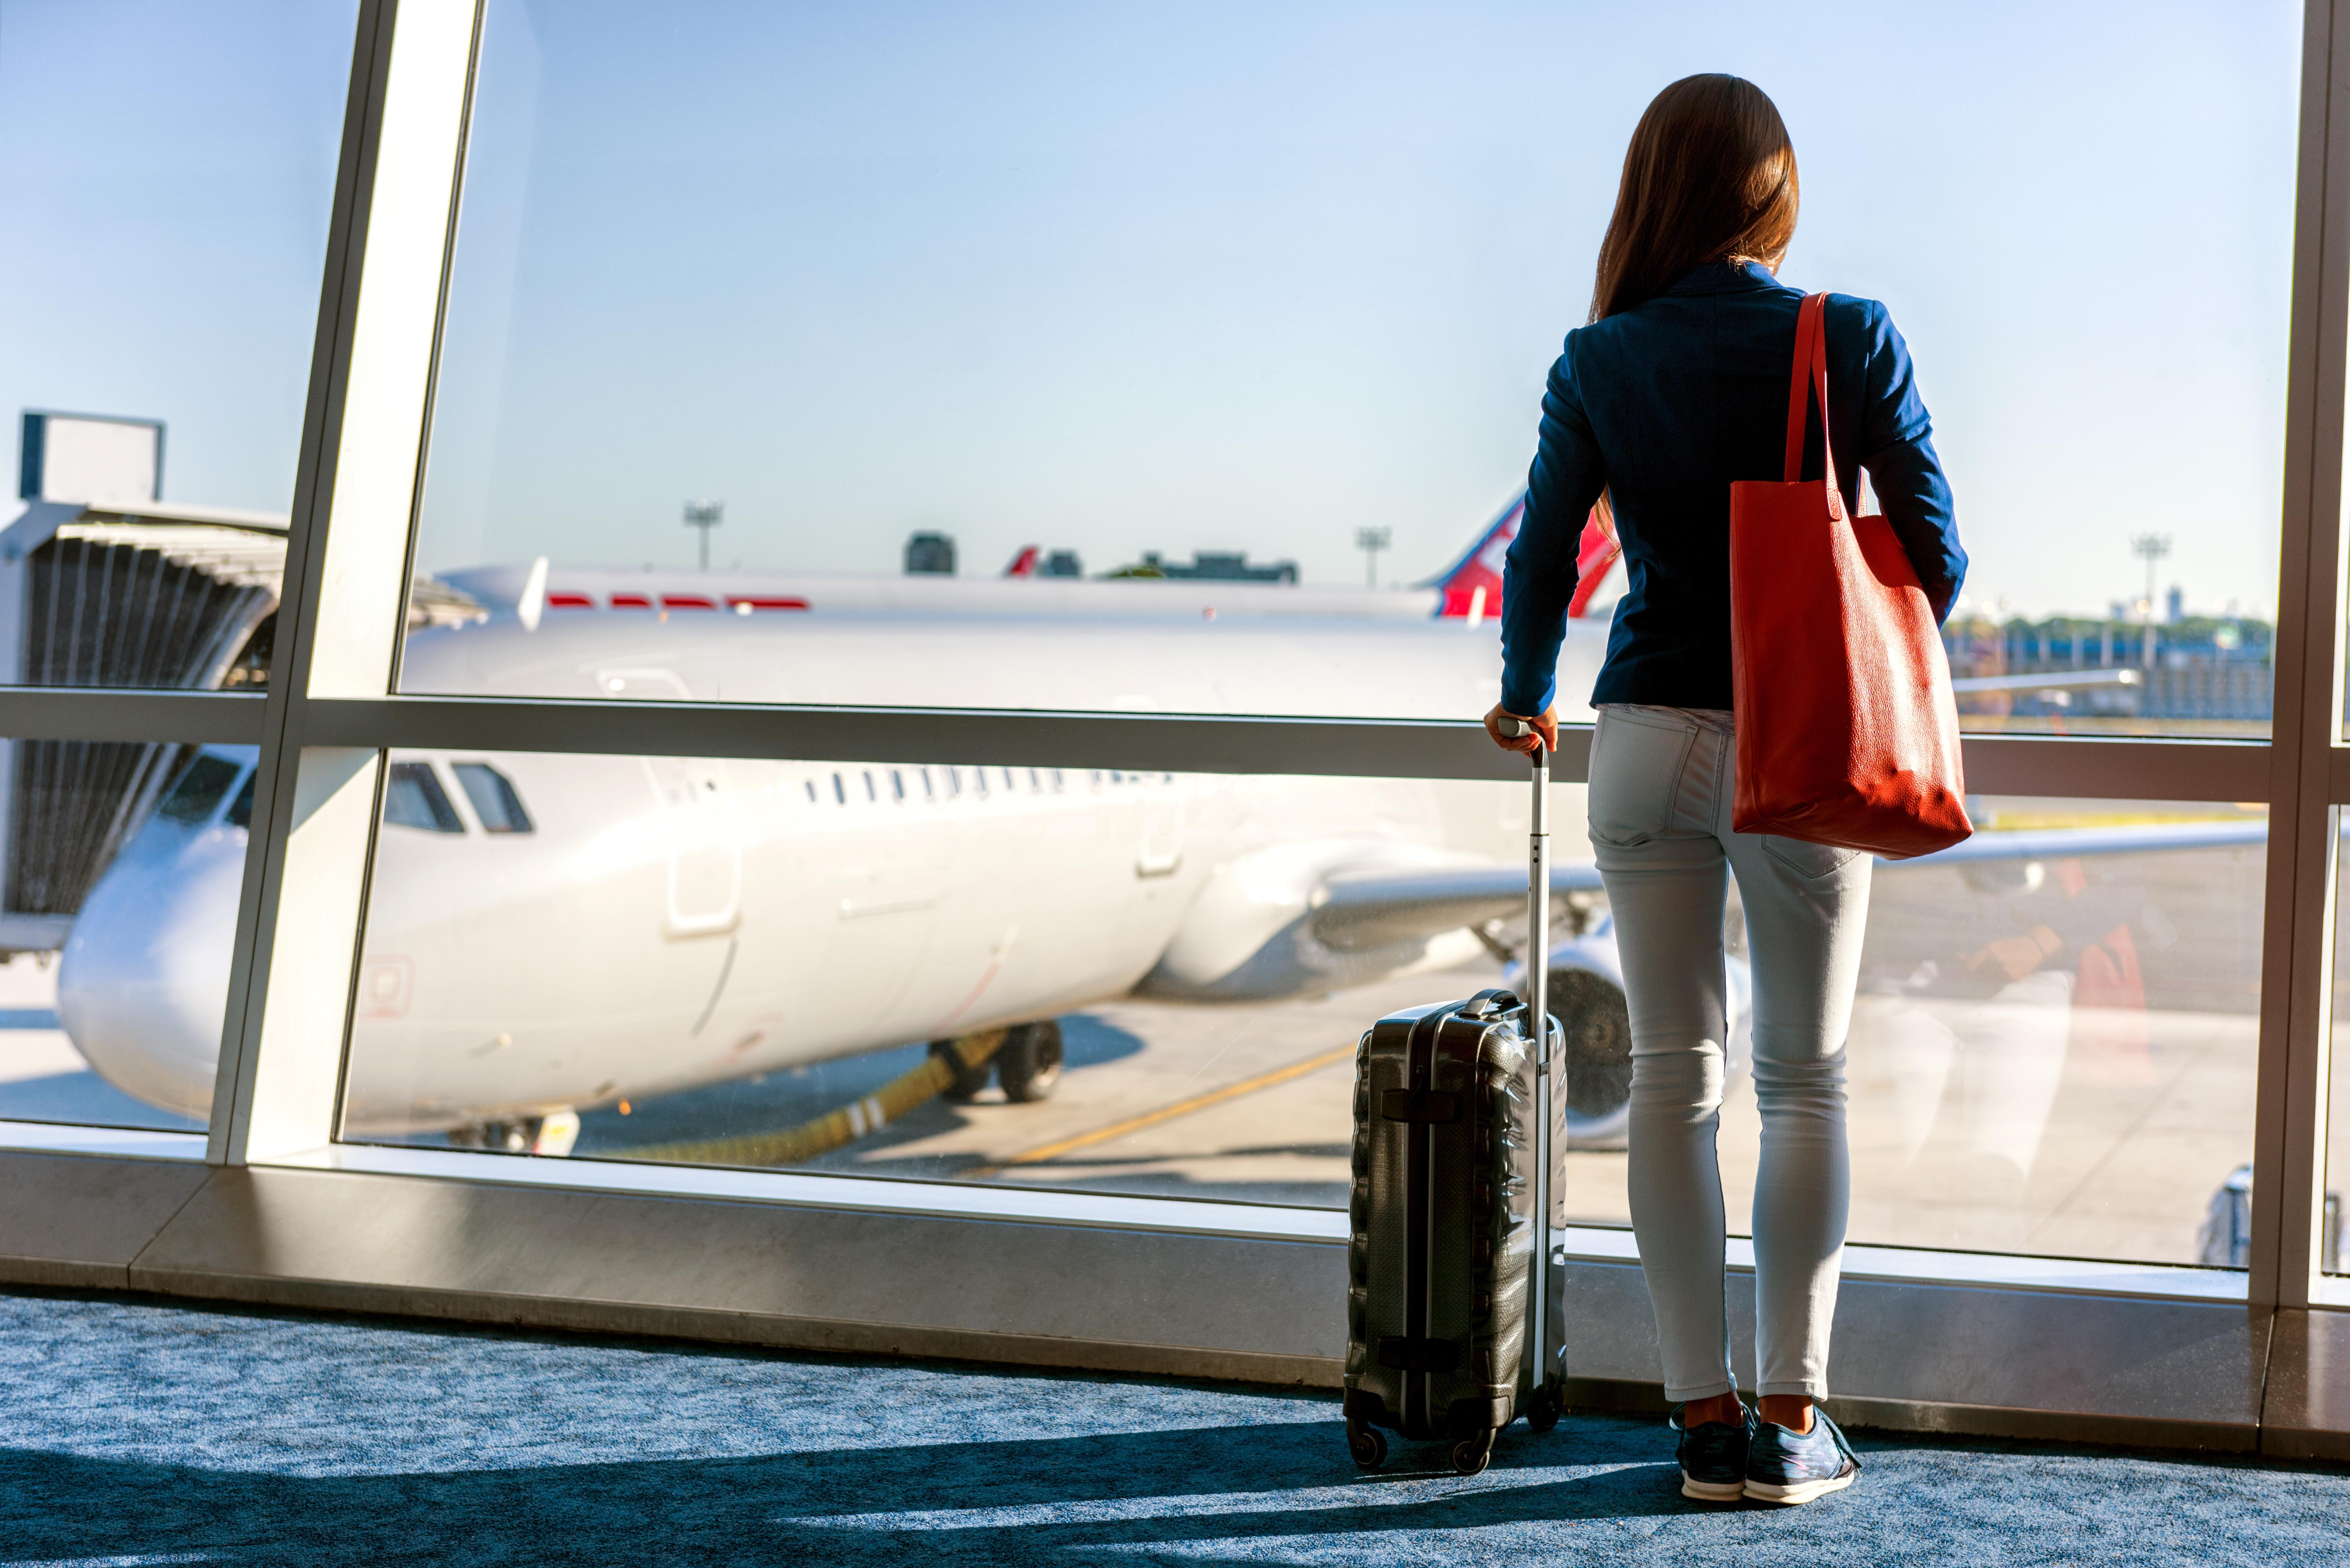 Mujer de espaldas, con una maleta y un bolso, mirando desde la terminal a un avión aparcado